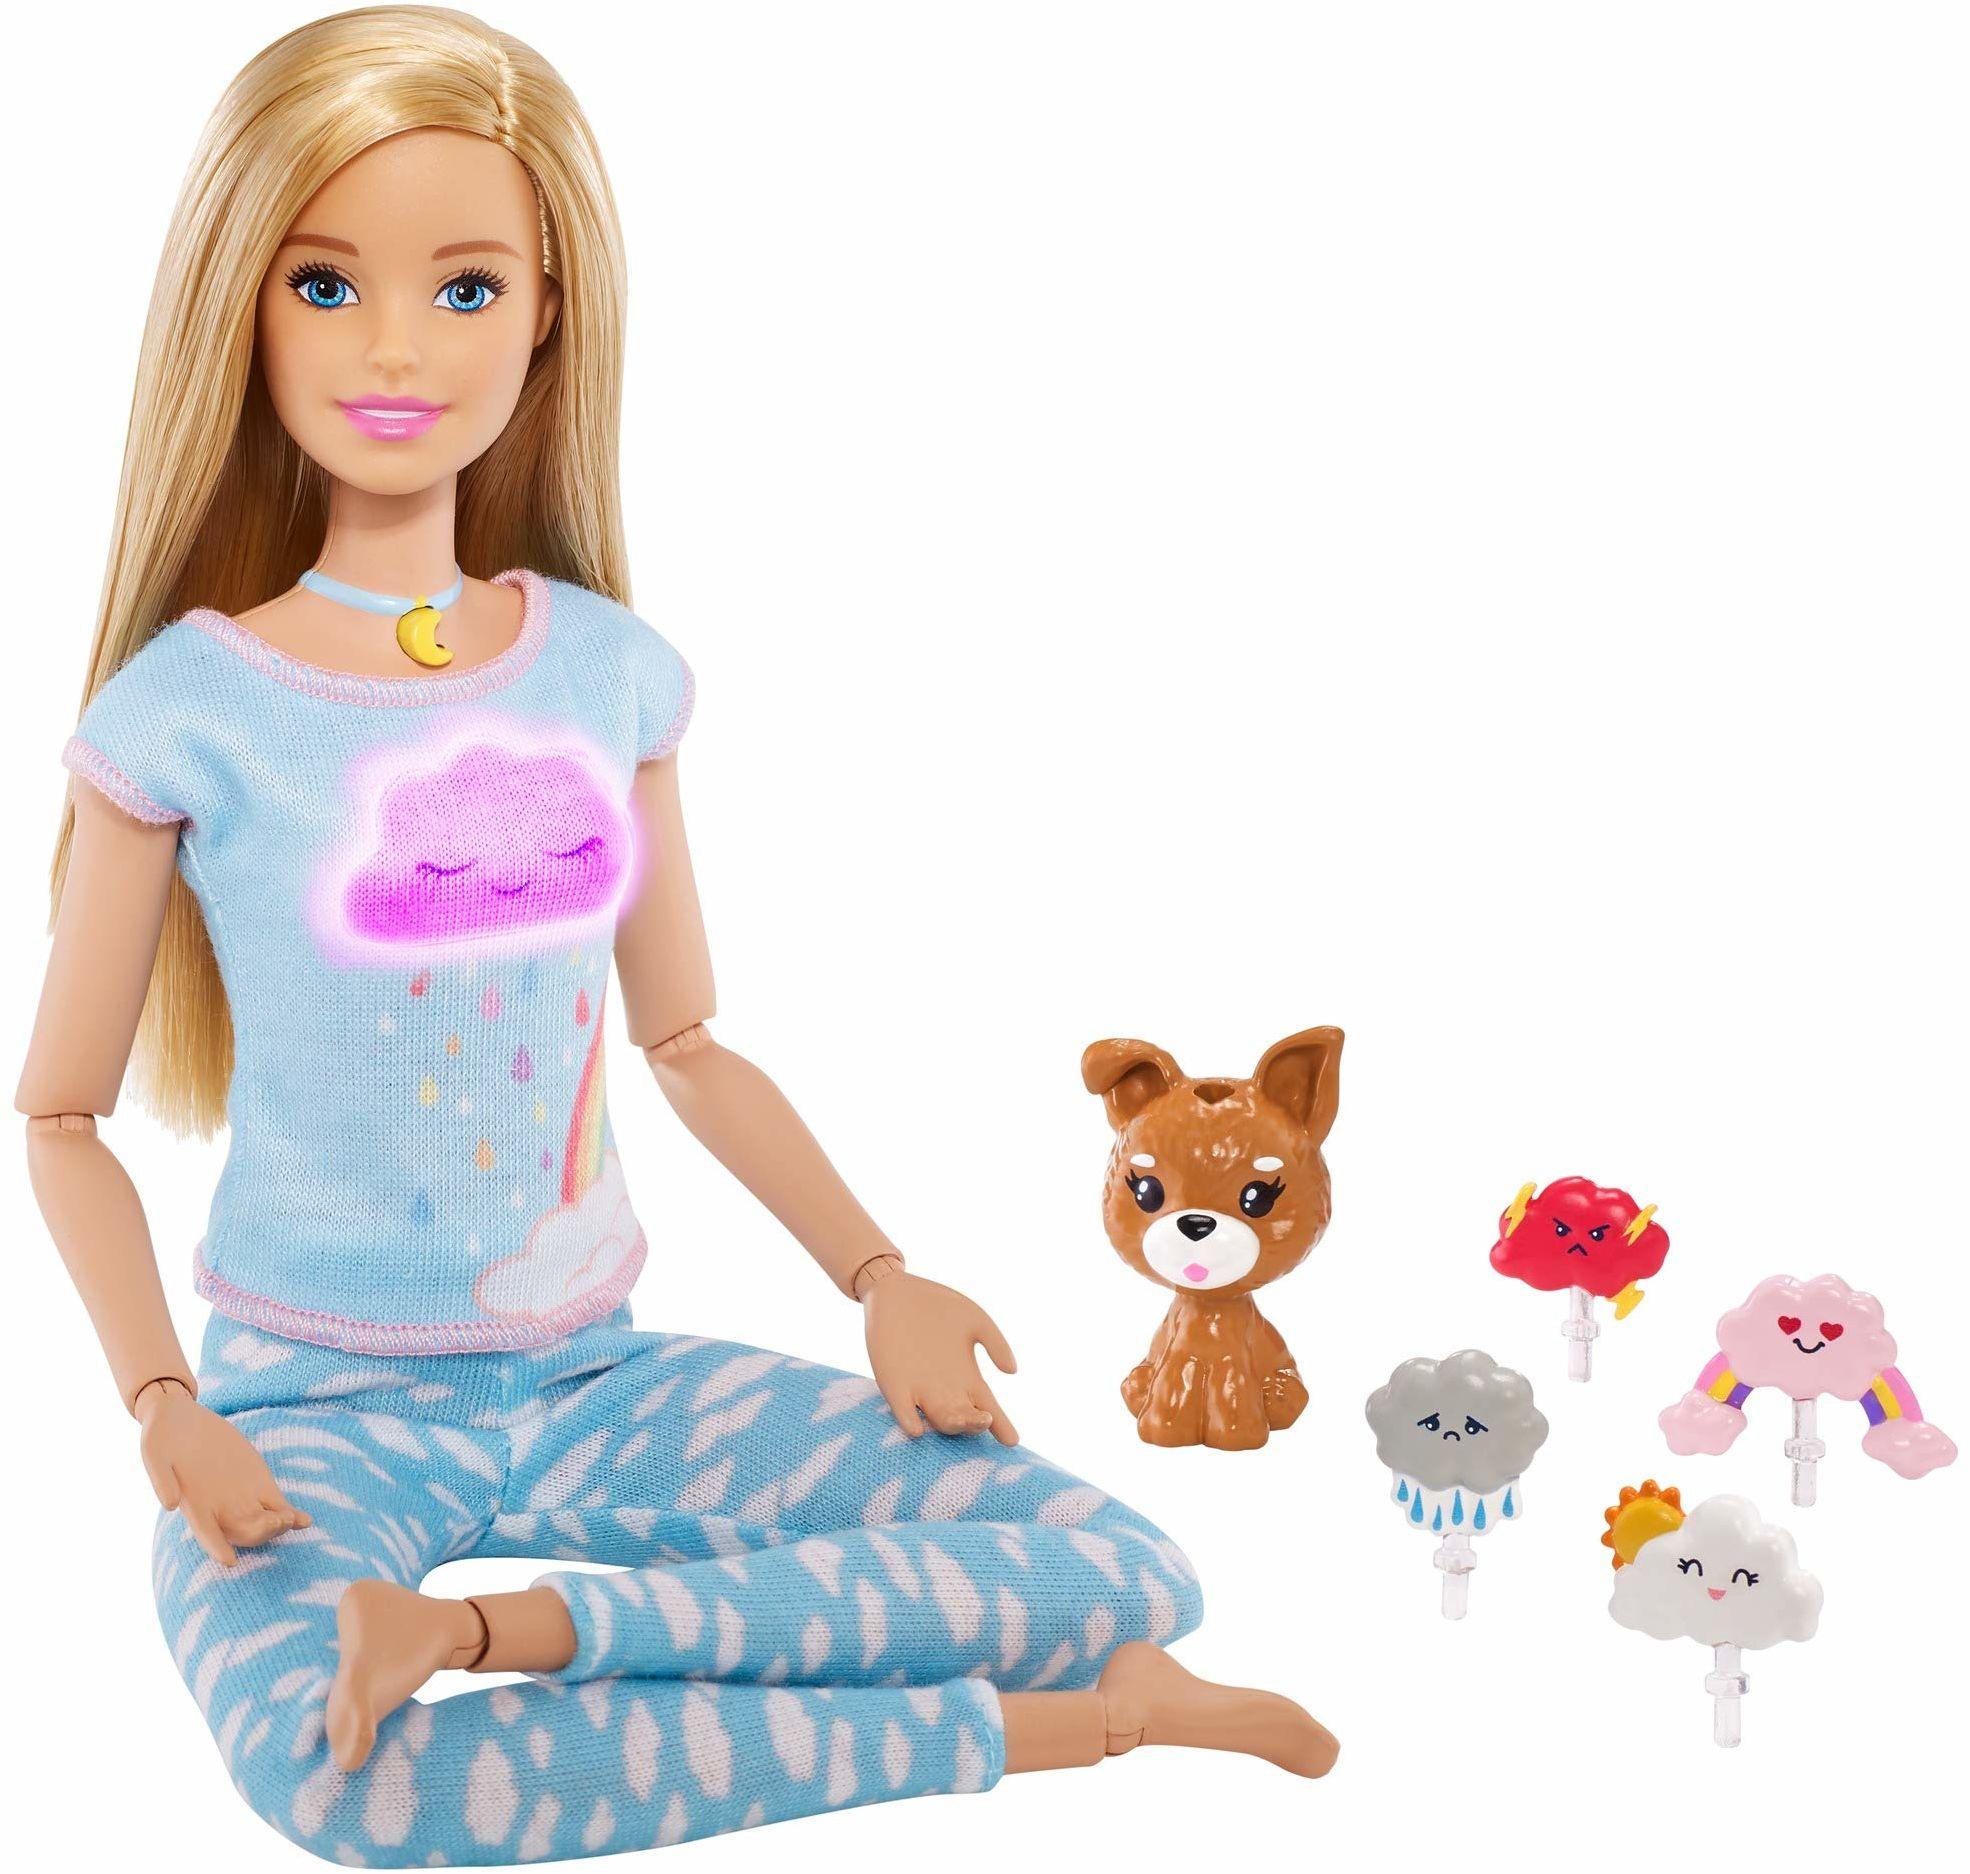 Barbie GNK01 , Lalka Medytacja Z Dźwiękami I Światełkami Gnk01 ,wielokolorowa